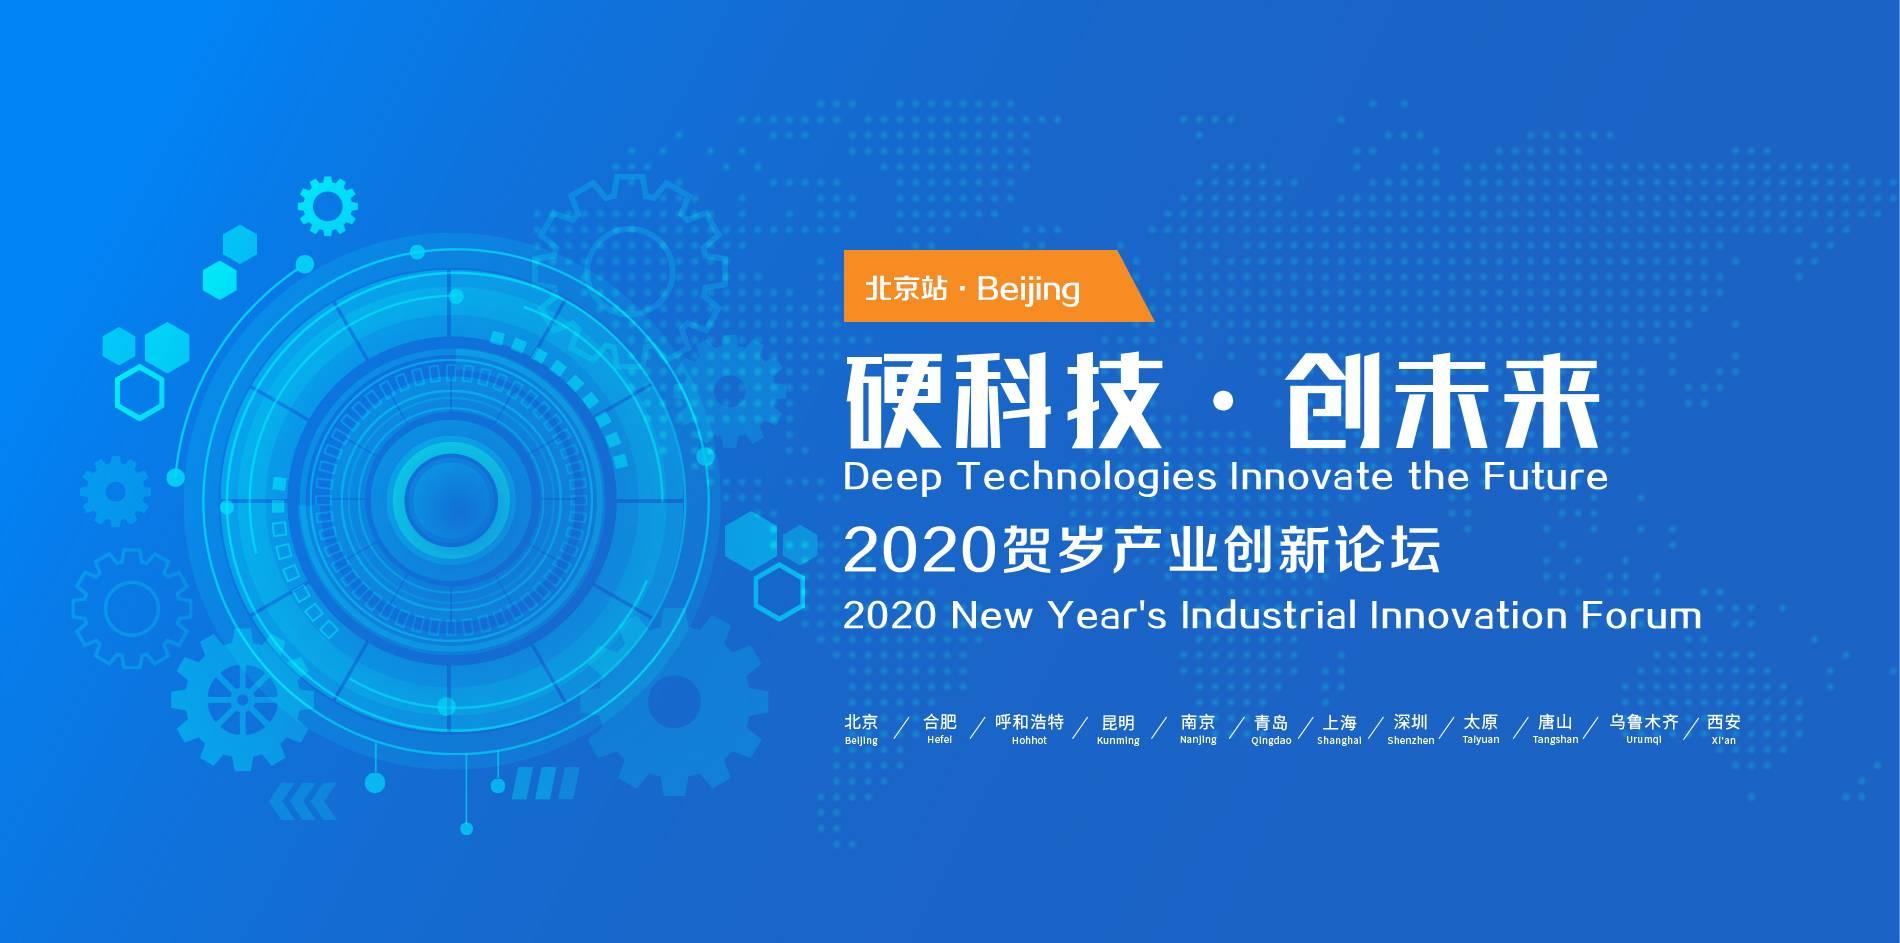 【活动】硬科技·创未来--2020贺岁产业创新论坛·北京站-无极荣耀